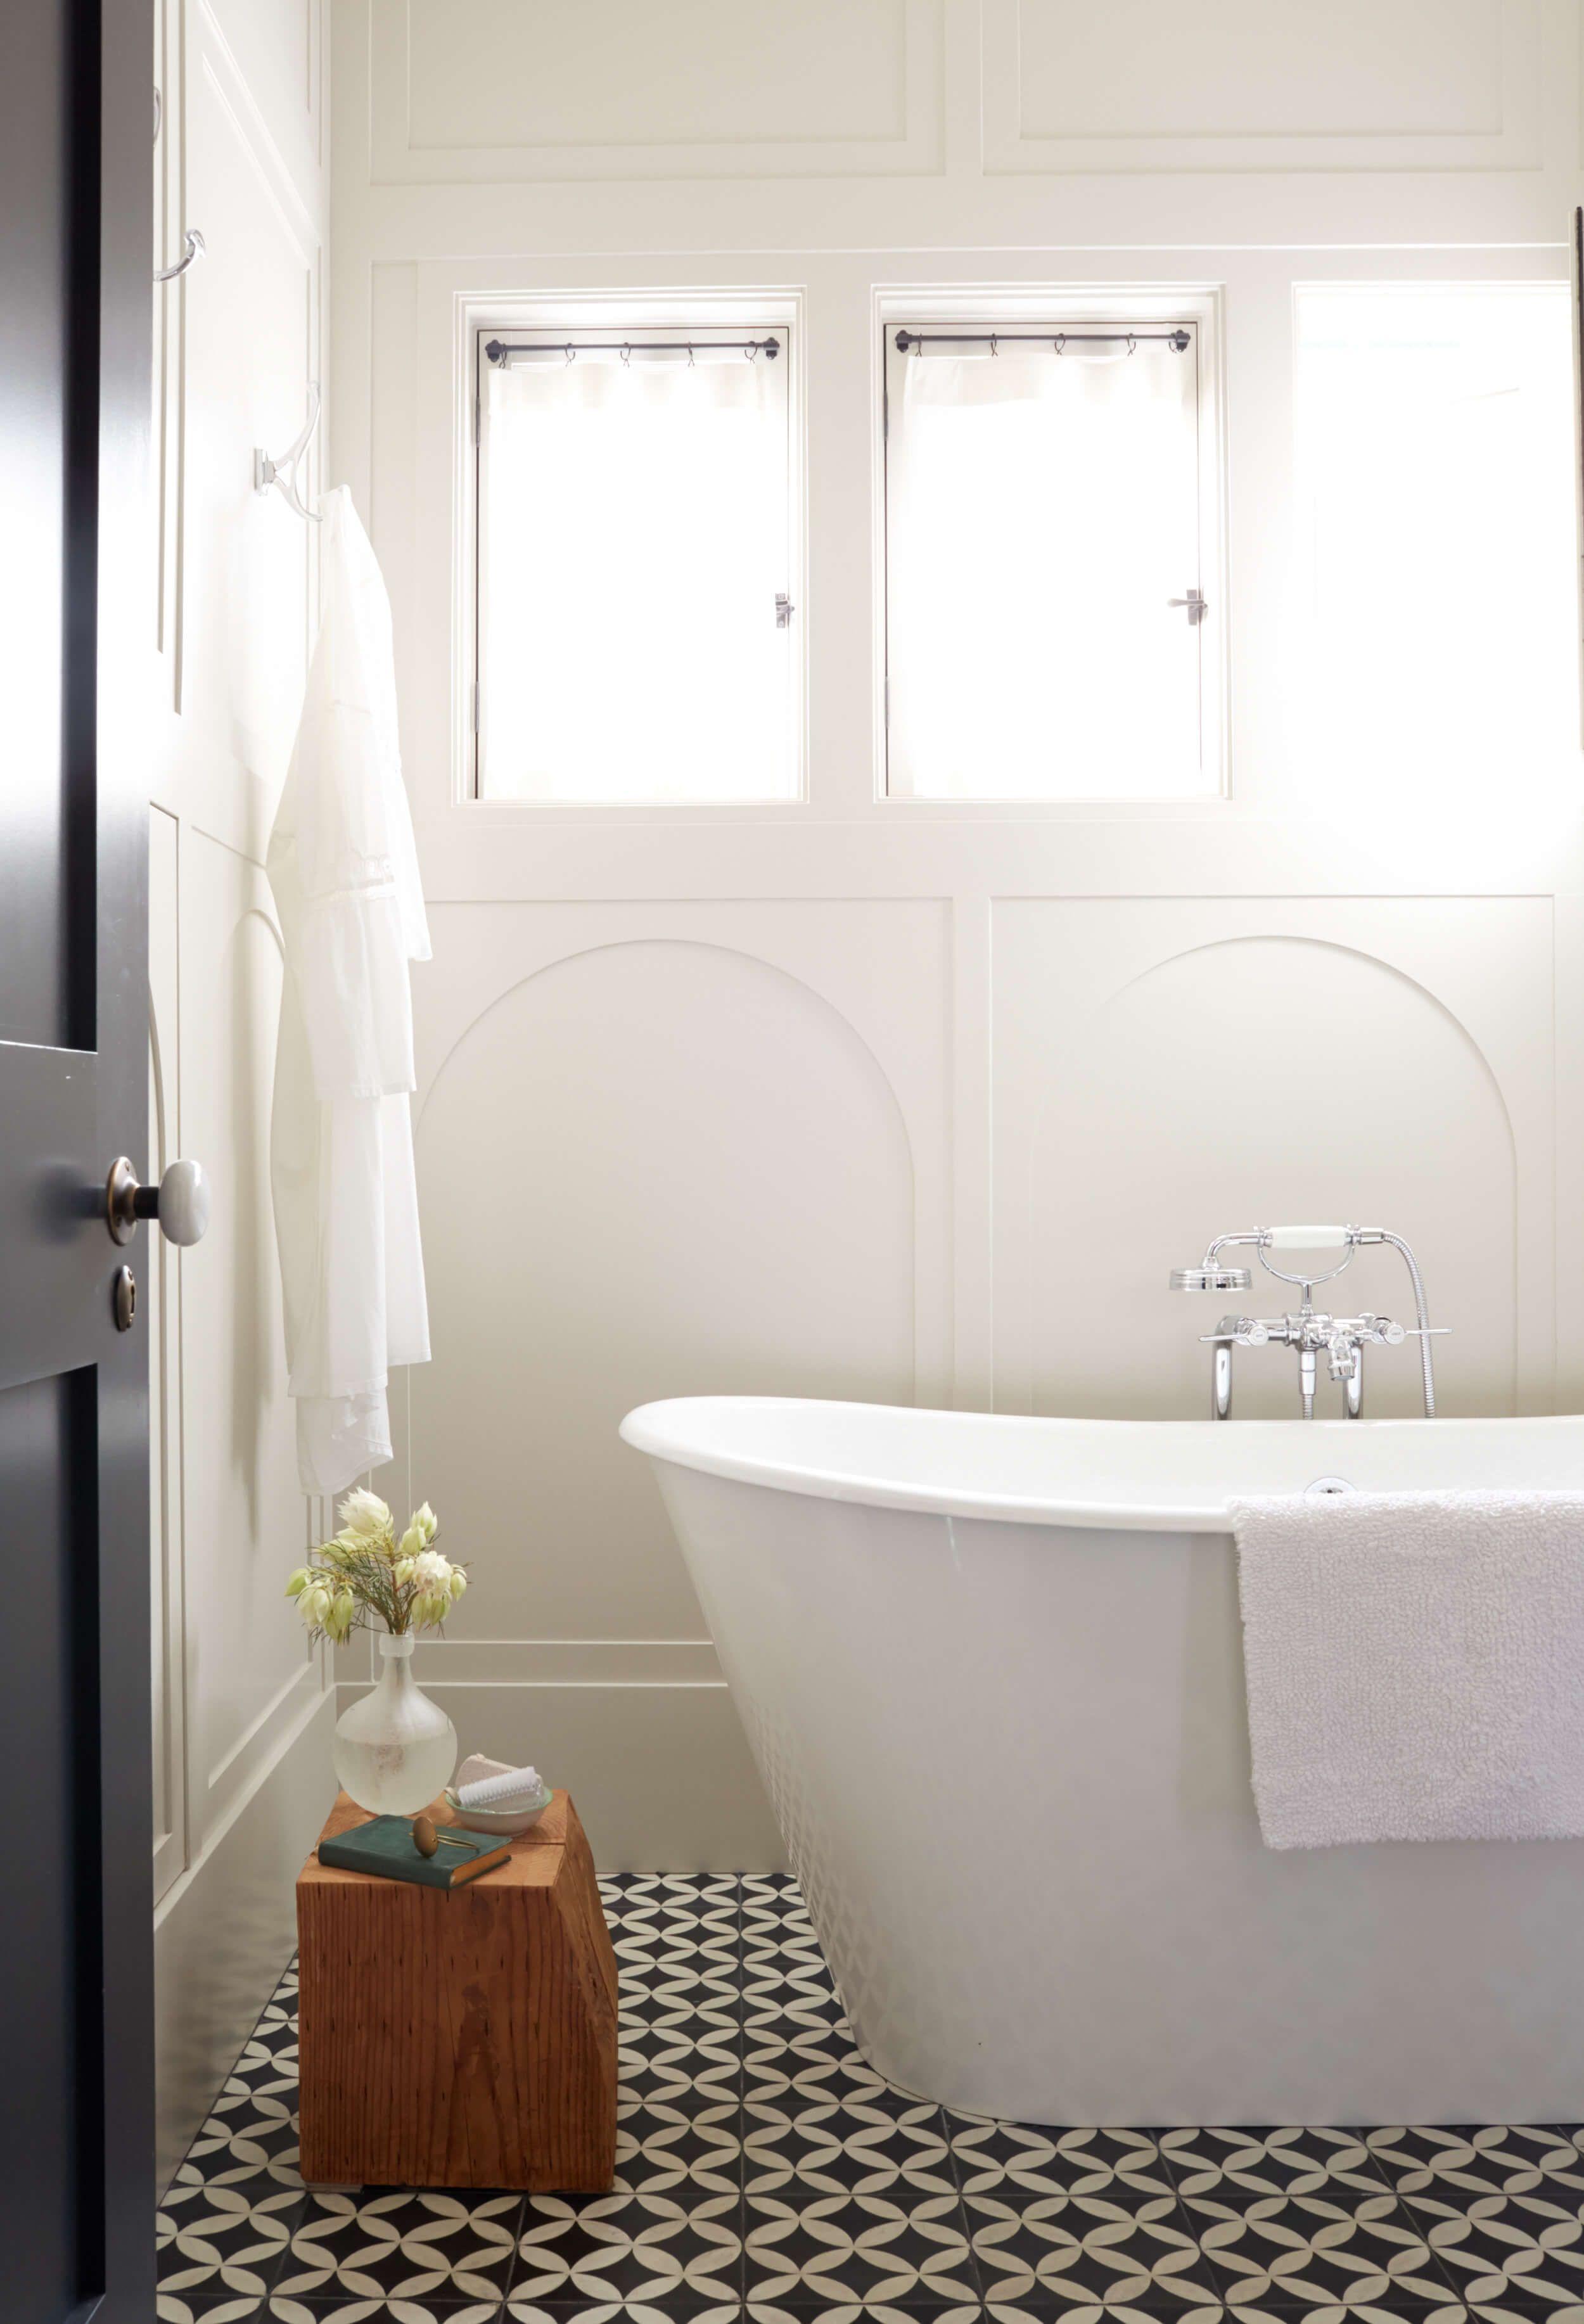 More Ideas Below #Bathroomideas Bathroomremodel #Bathroom #Remodel #Makeover Small Bathroom